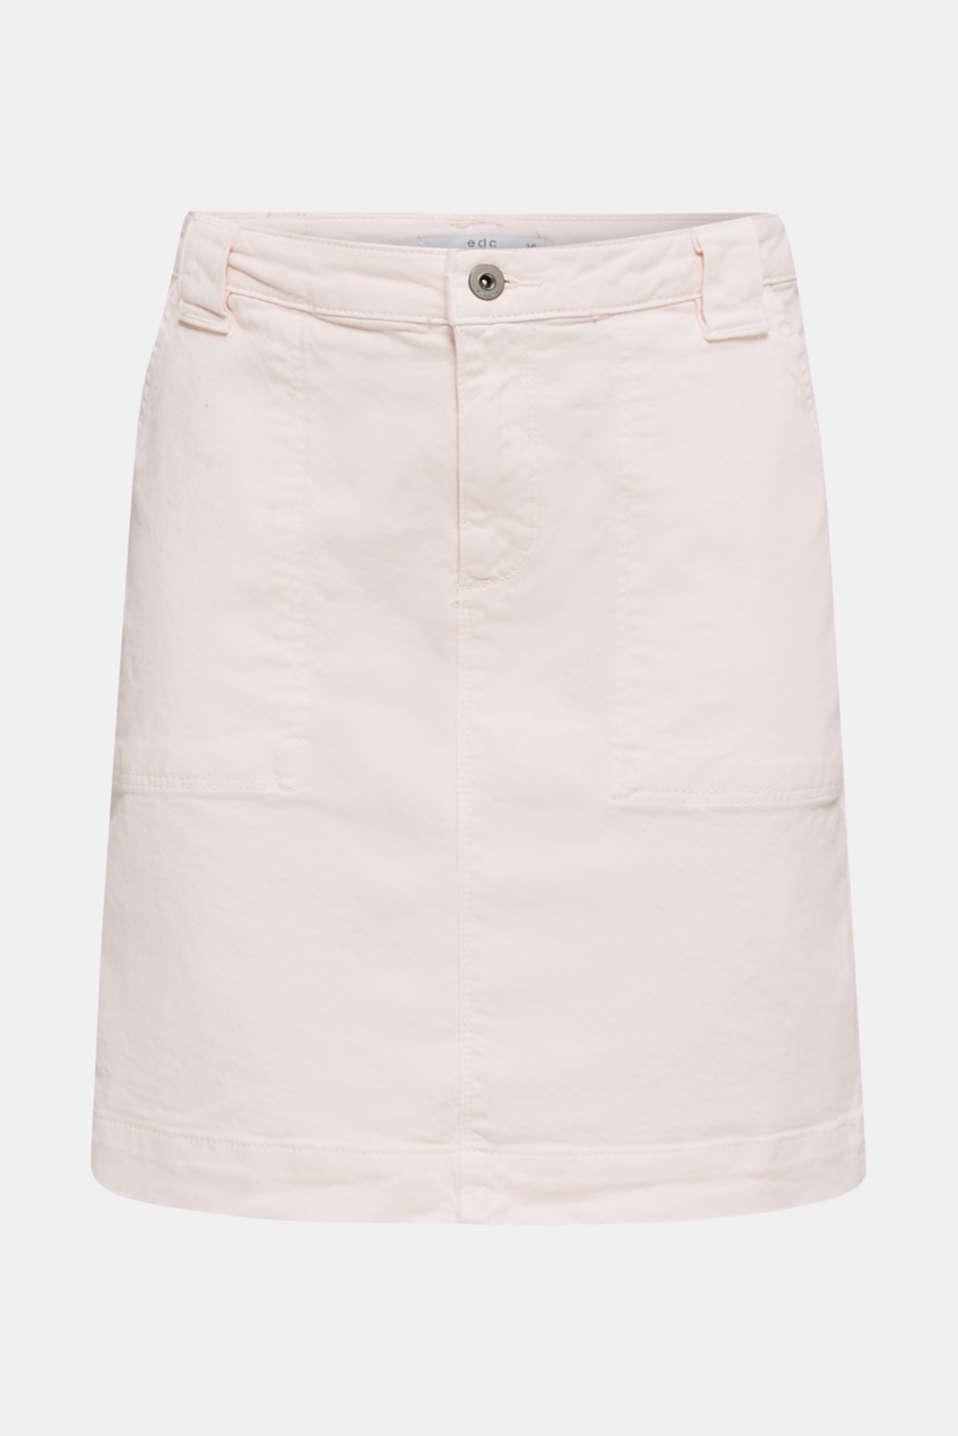 Denim skirt with pockets, PINK, detail image number 5